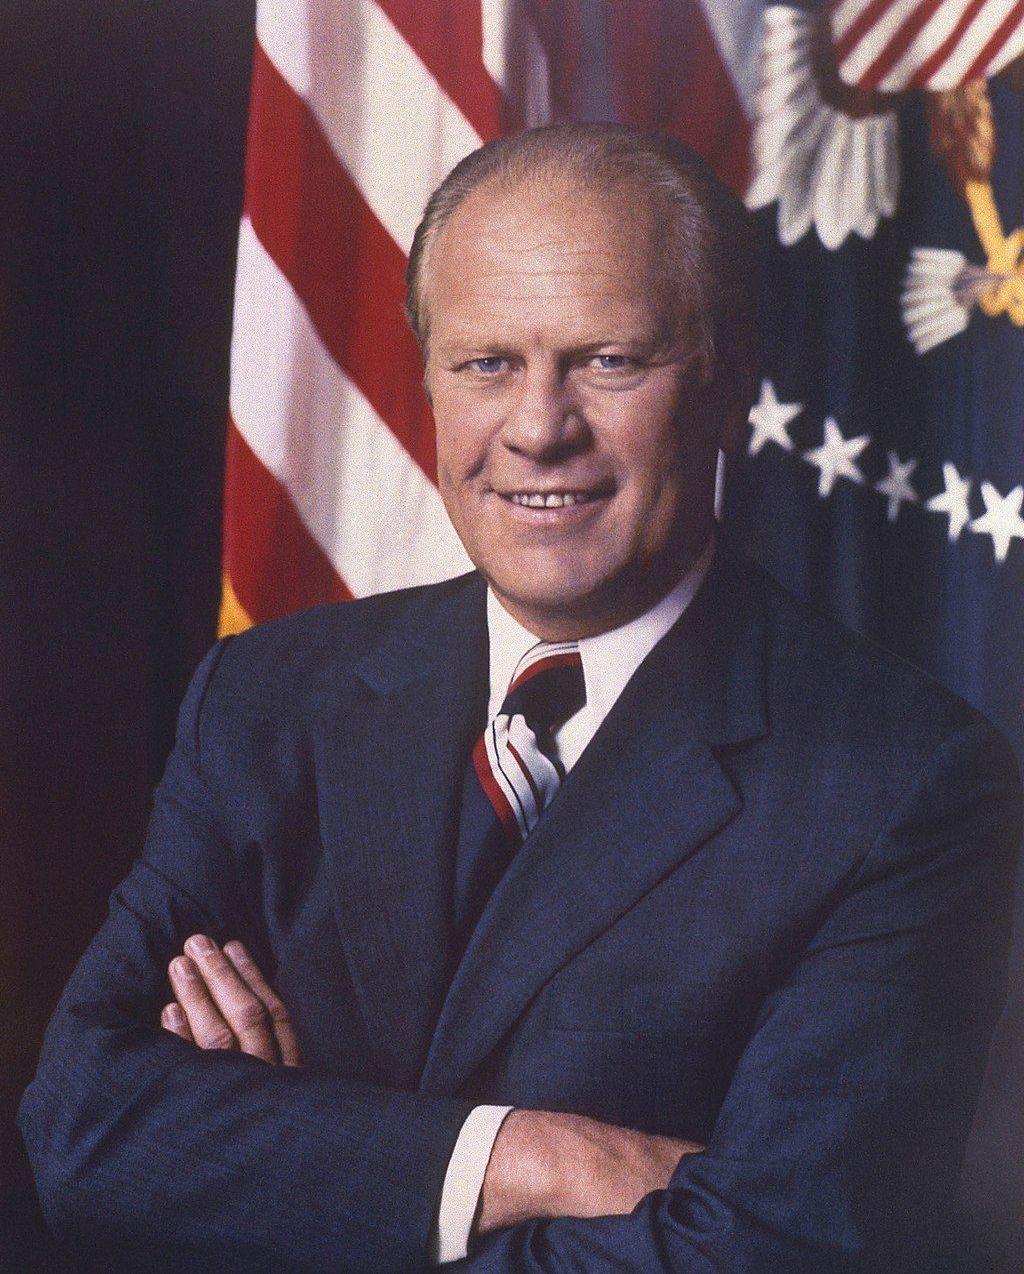 38-й президент США, с 1974 по 1977 годы от Республиканской партии Джеральд Форд